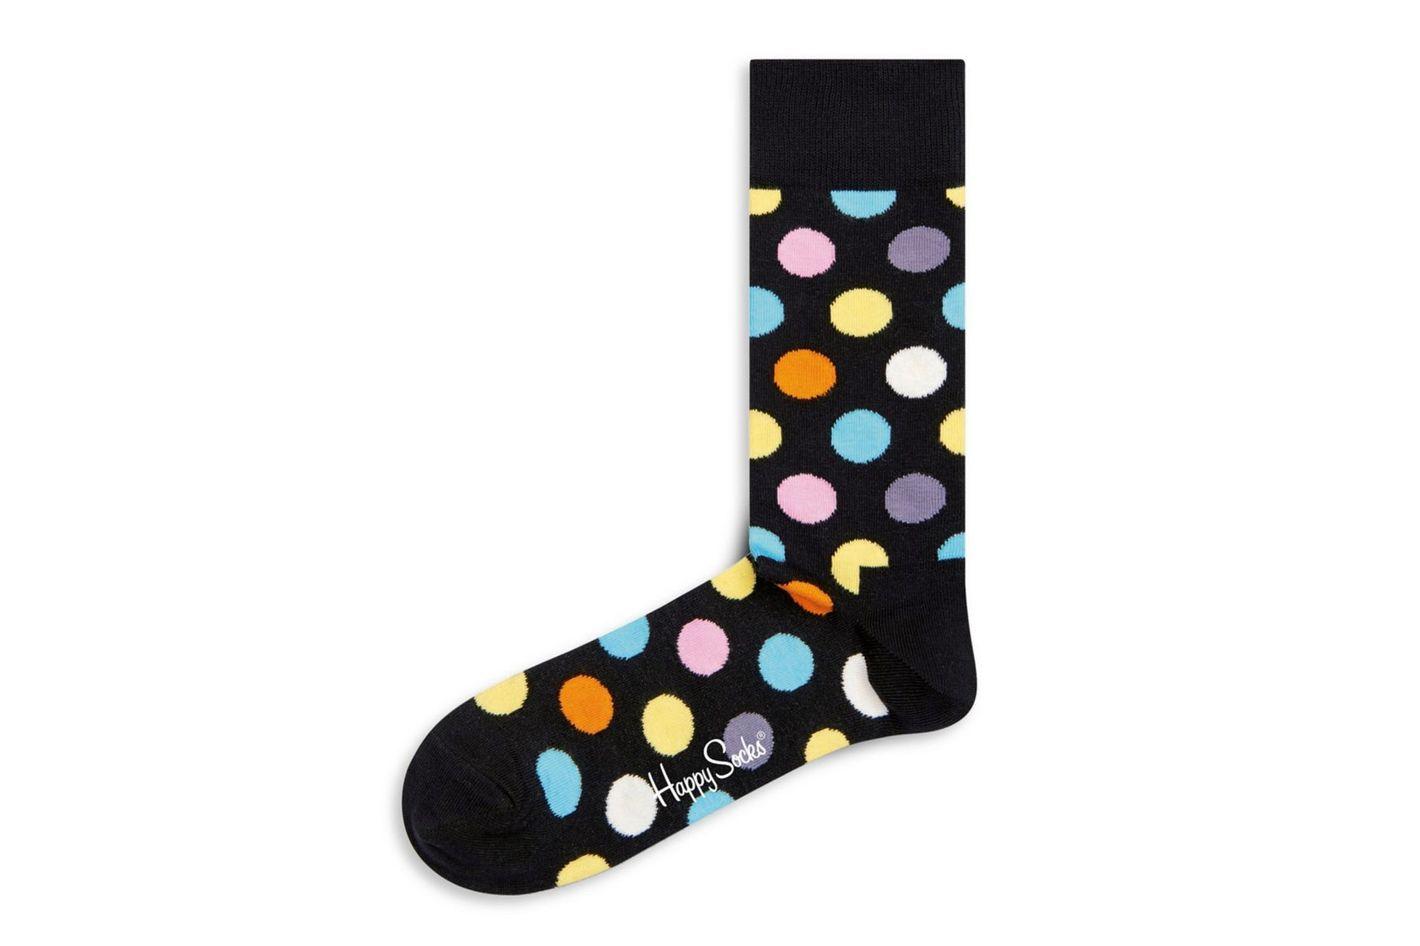 Happy Socks Multicolored Polka Dot Socks